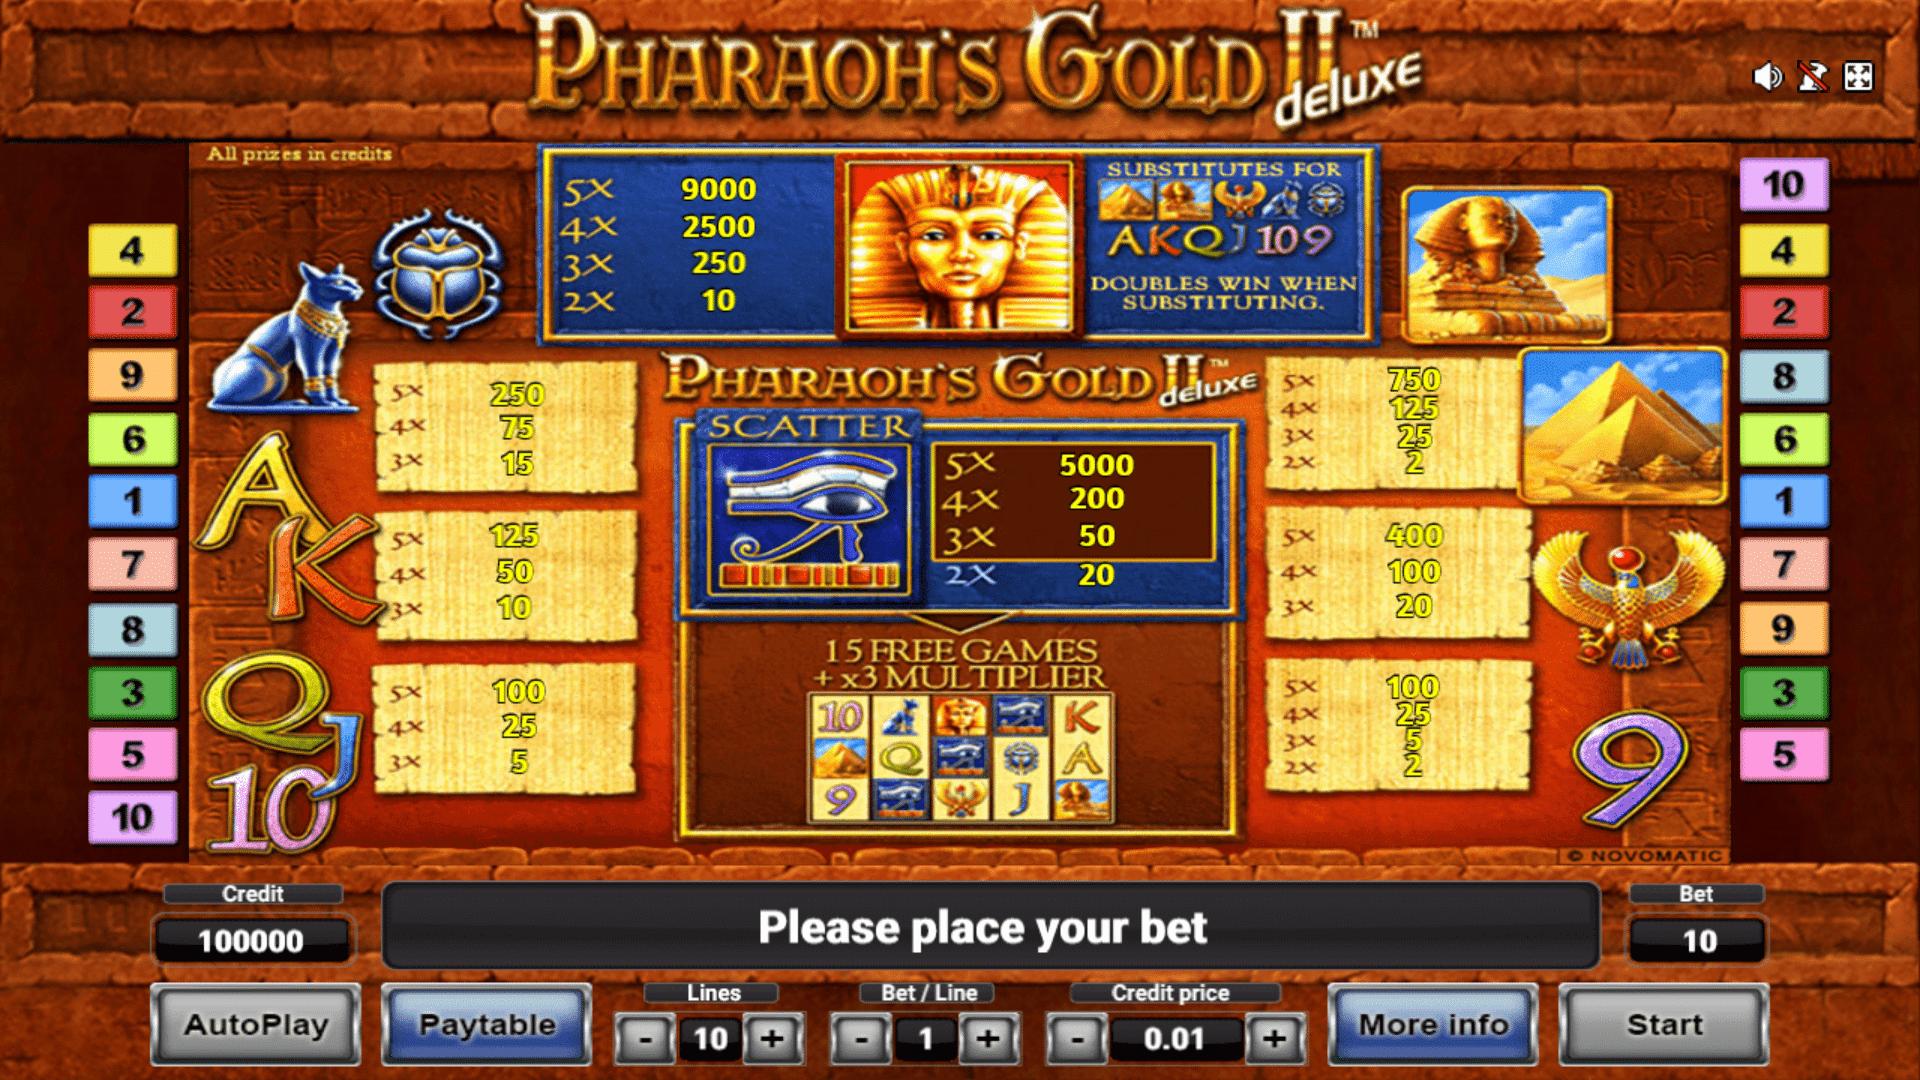 Tabella Pagamenti Slot gratis Pharaoh's Gold II Deluxe